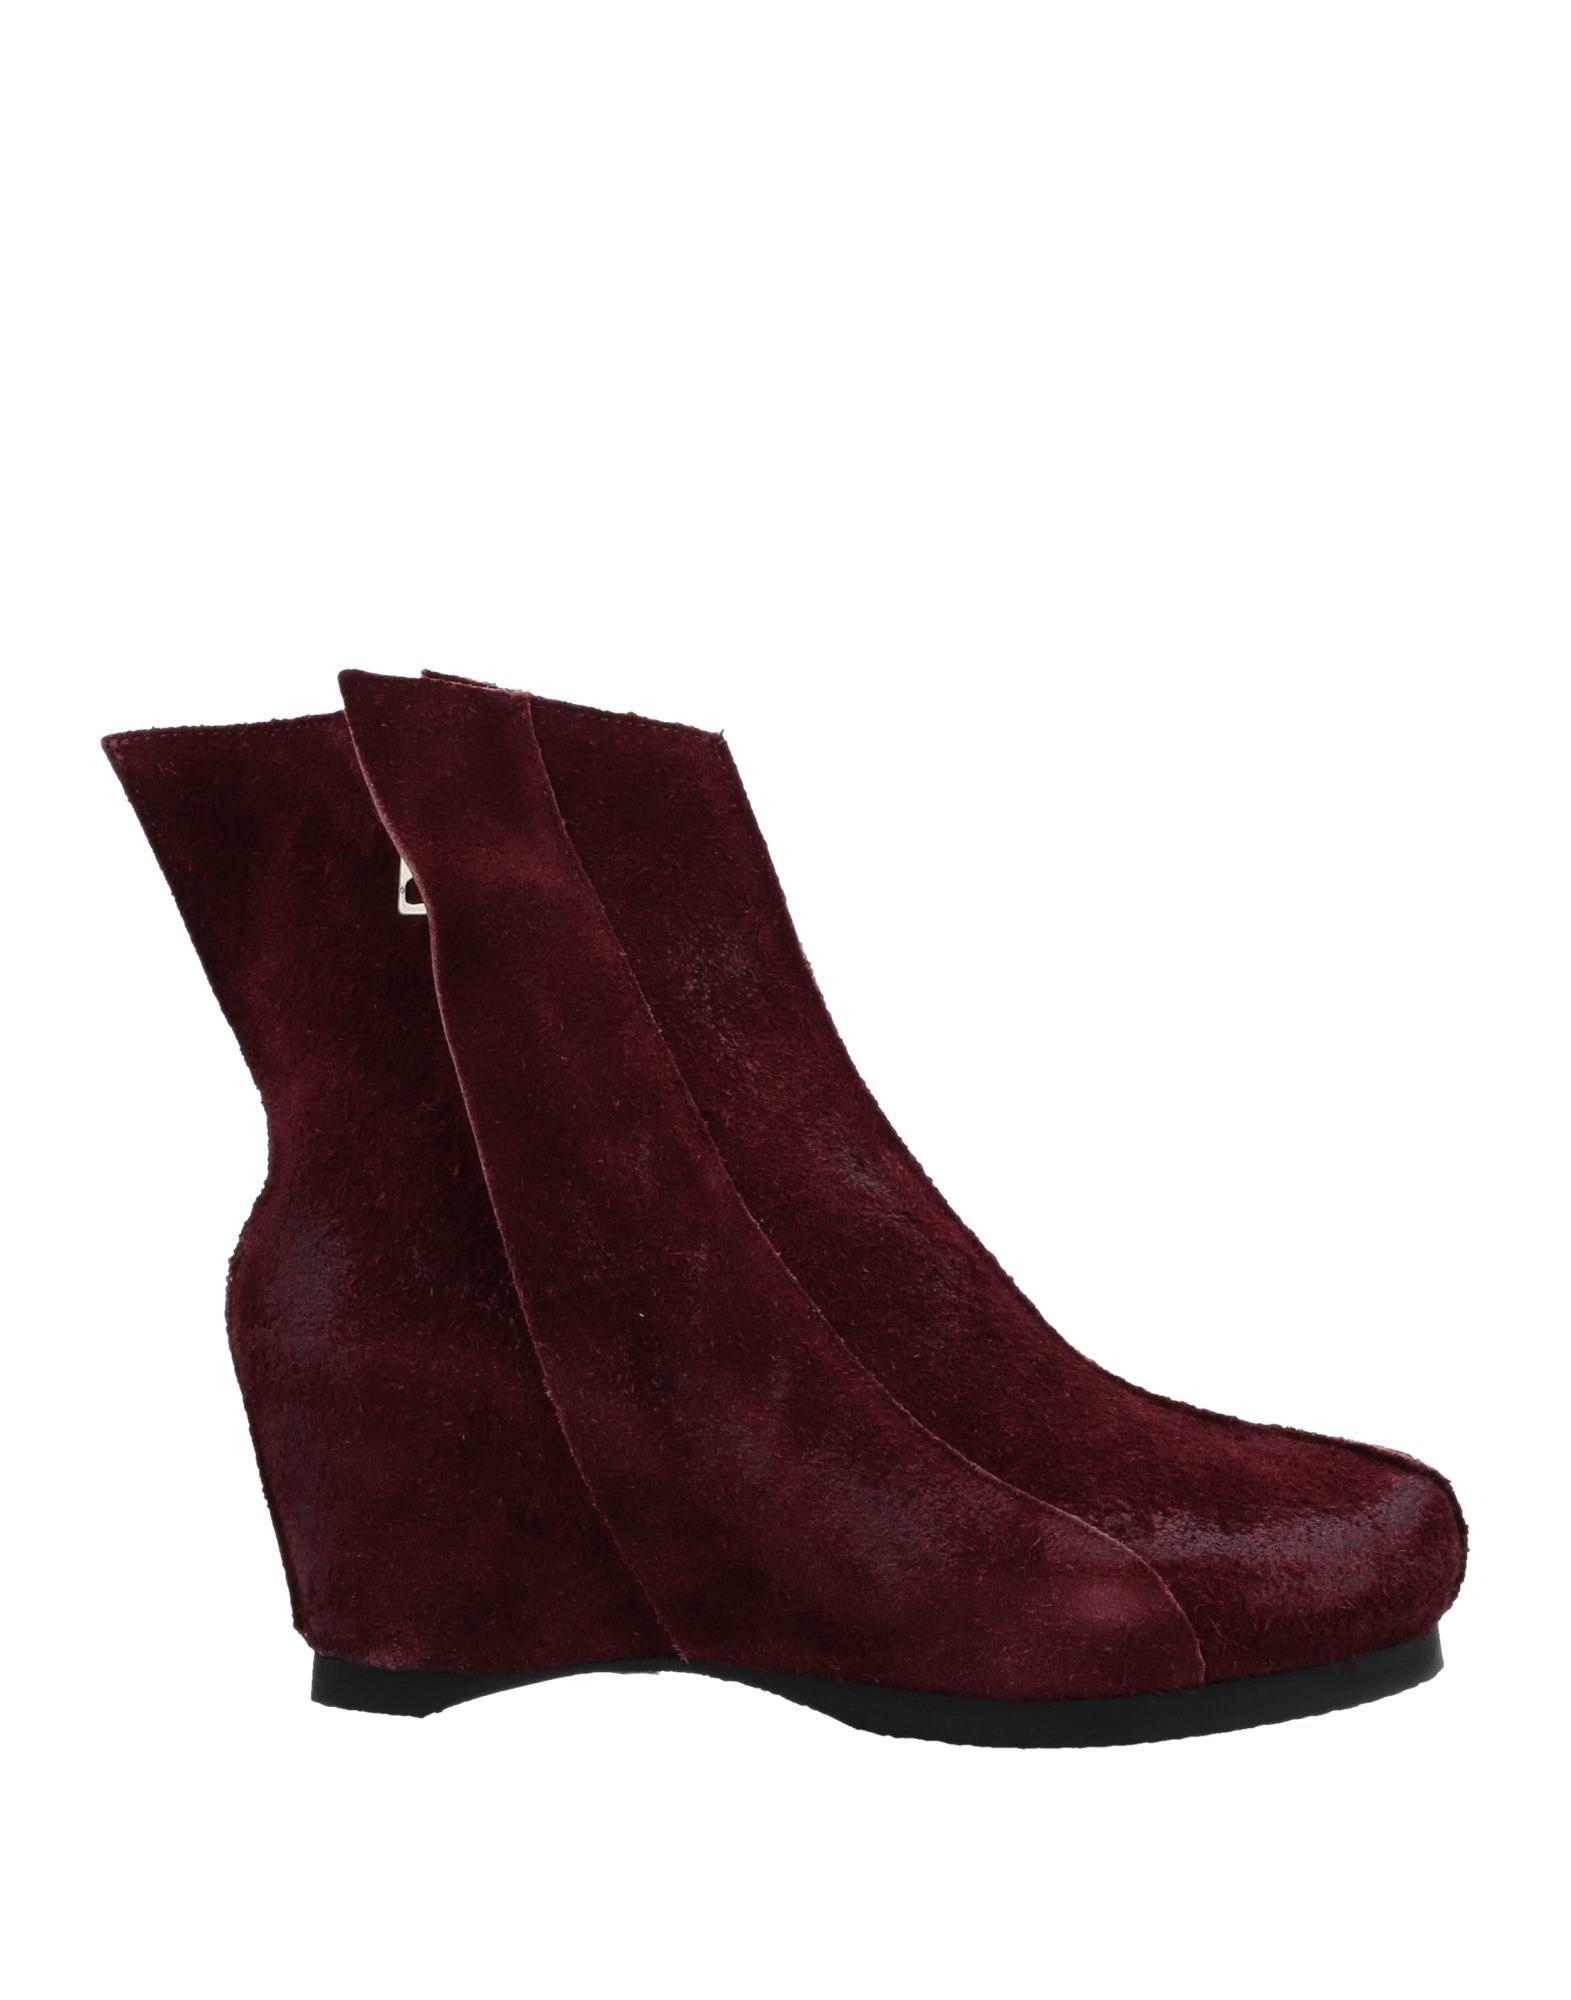 Peter Non Stiefelette Damen  11508827UW Neue Schuhe